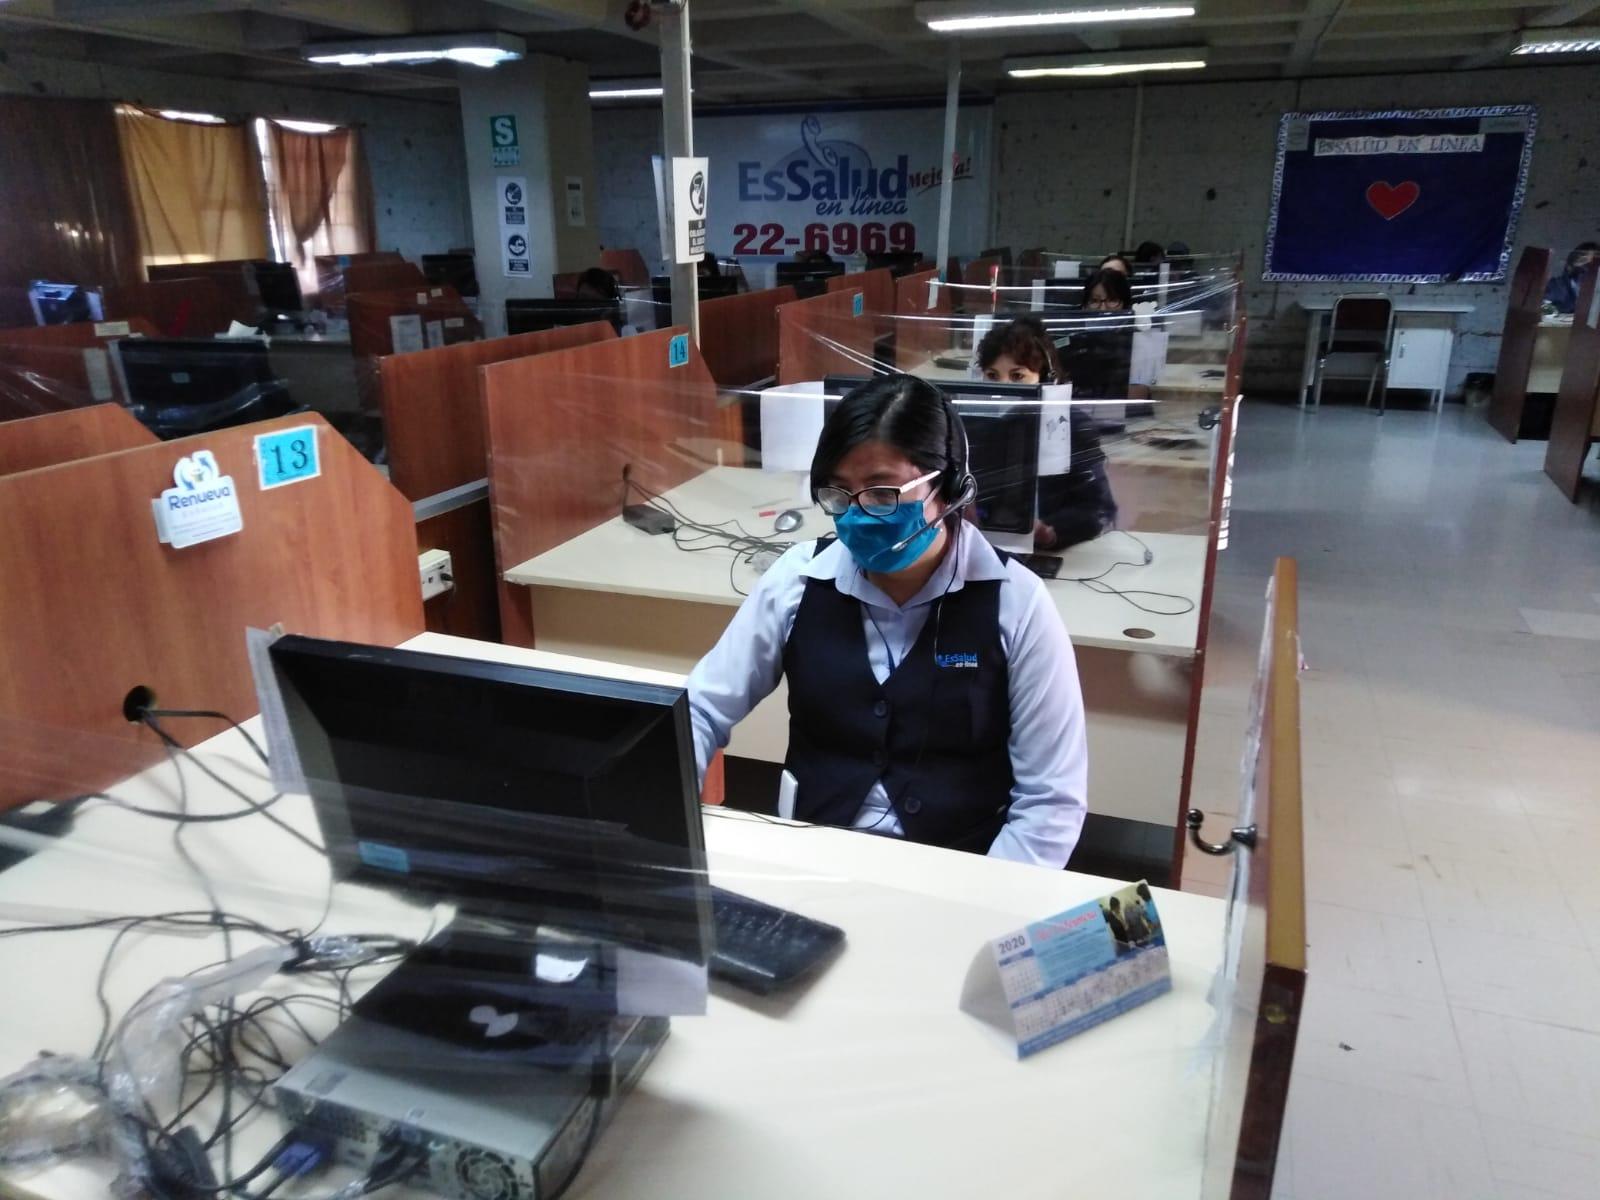 Essalud - Teleconsultas médicas realiza EsSalud Arequipa mediante teléfonos fijos y celulares